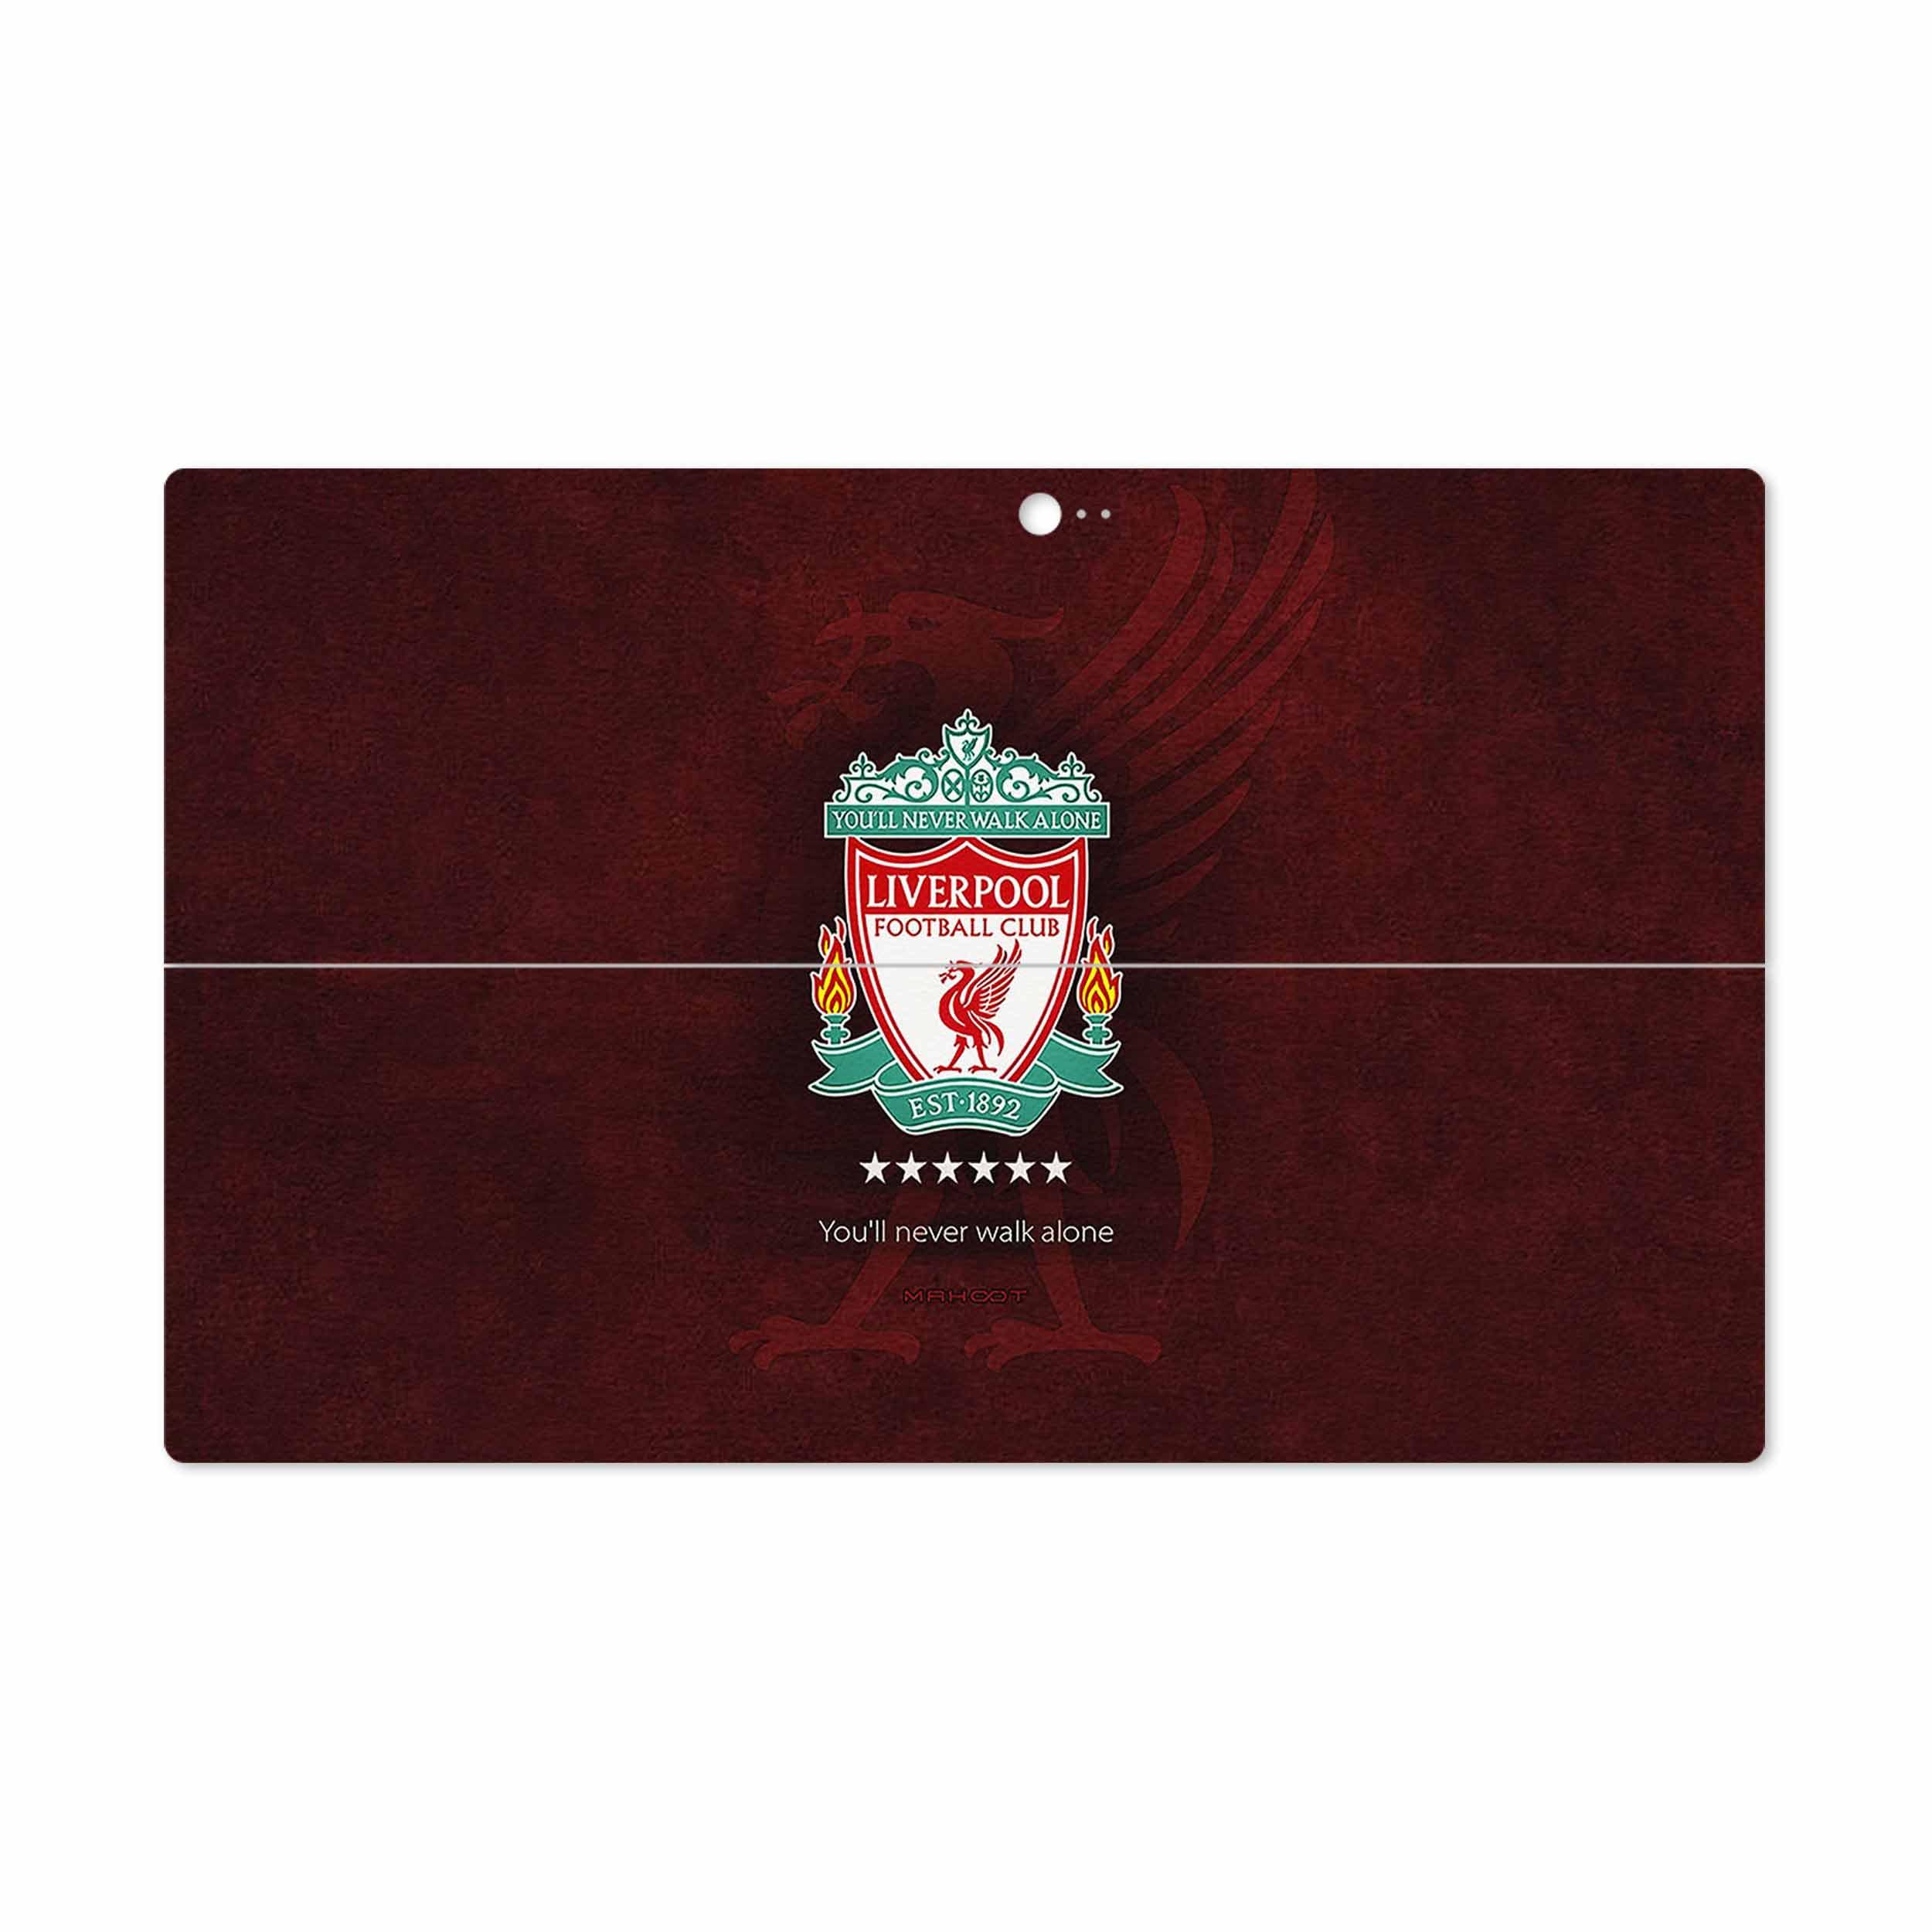 بررسی و خرید [با تخفیف]                                     برچسب پوششی ماهوت مدل Liverpool مناسب برای تبلت مایکروسافت Surface 2 RT 2013                             اورجینال